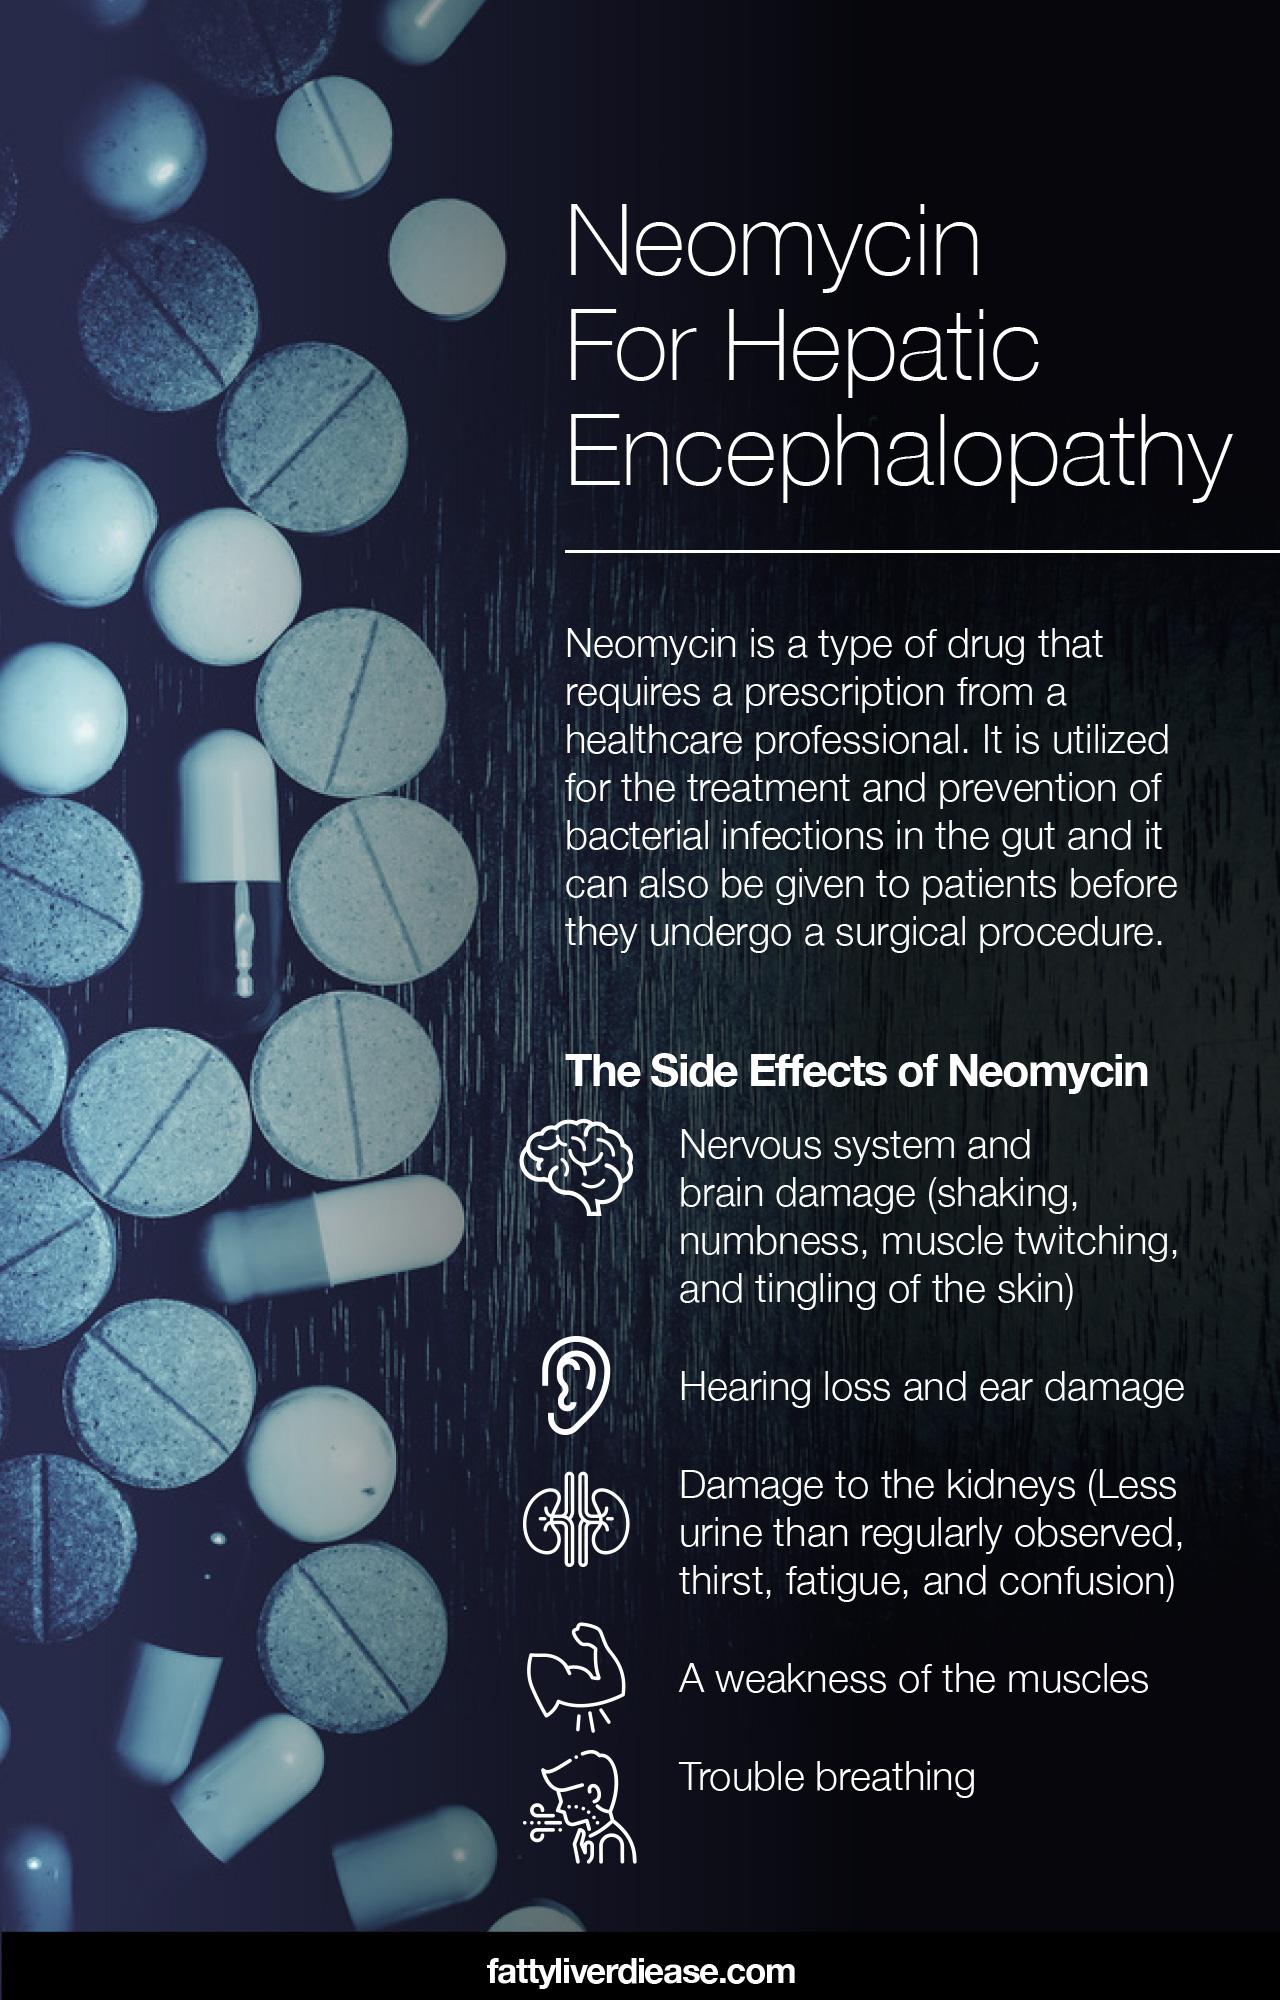 Neomycin for Hepatic Encephalopathy